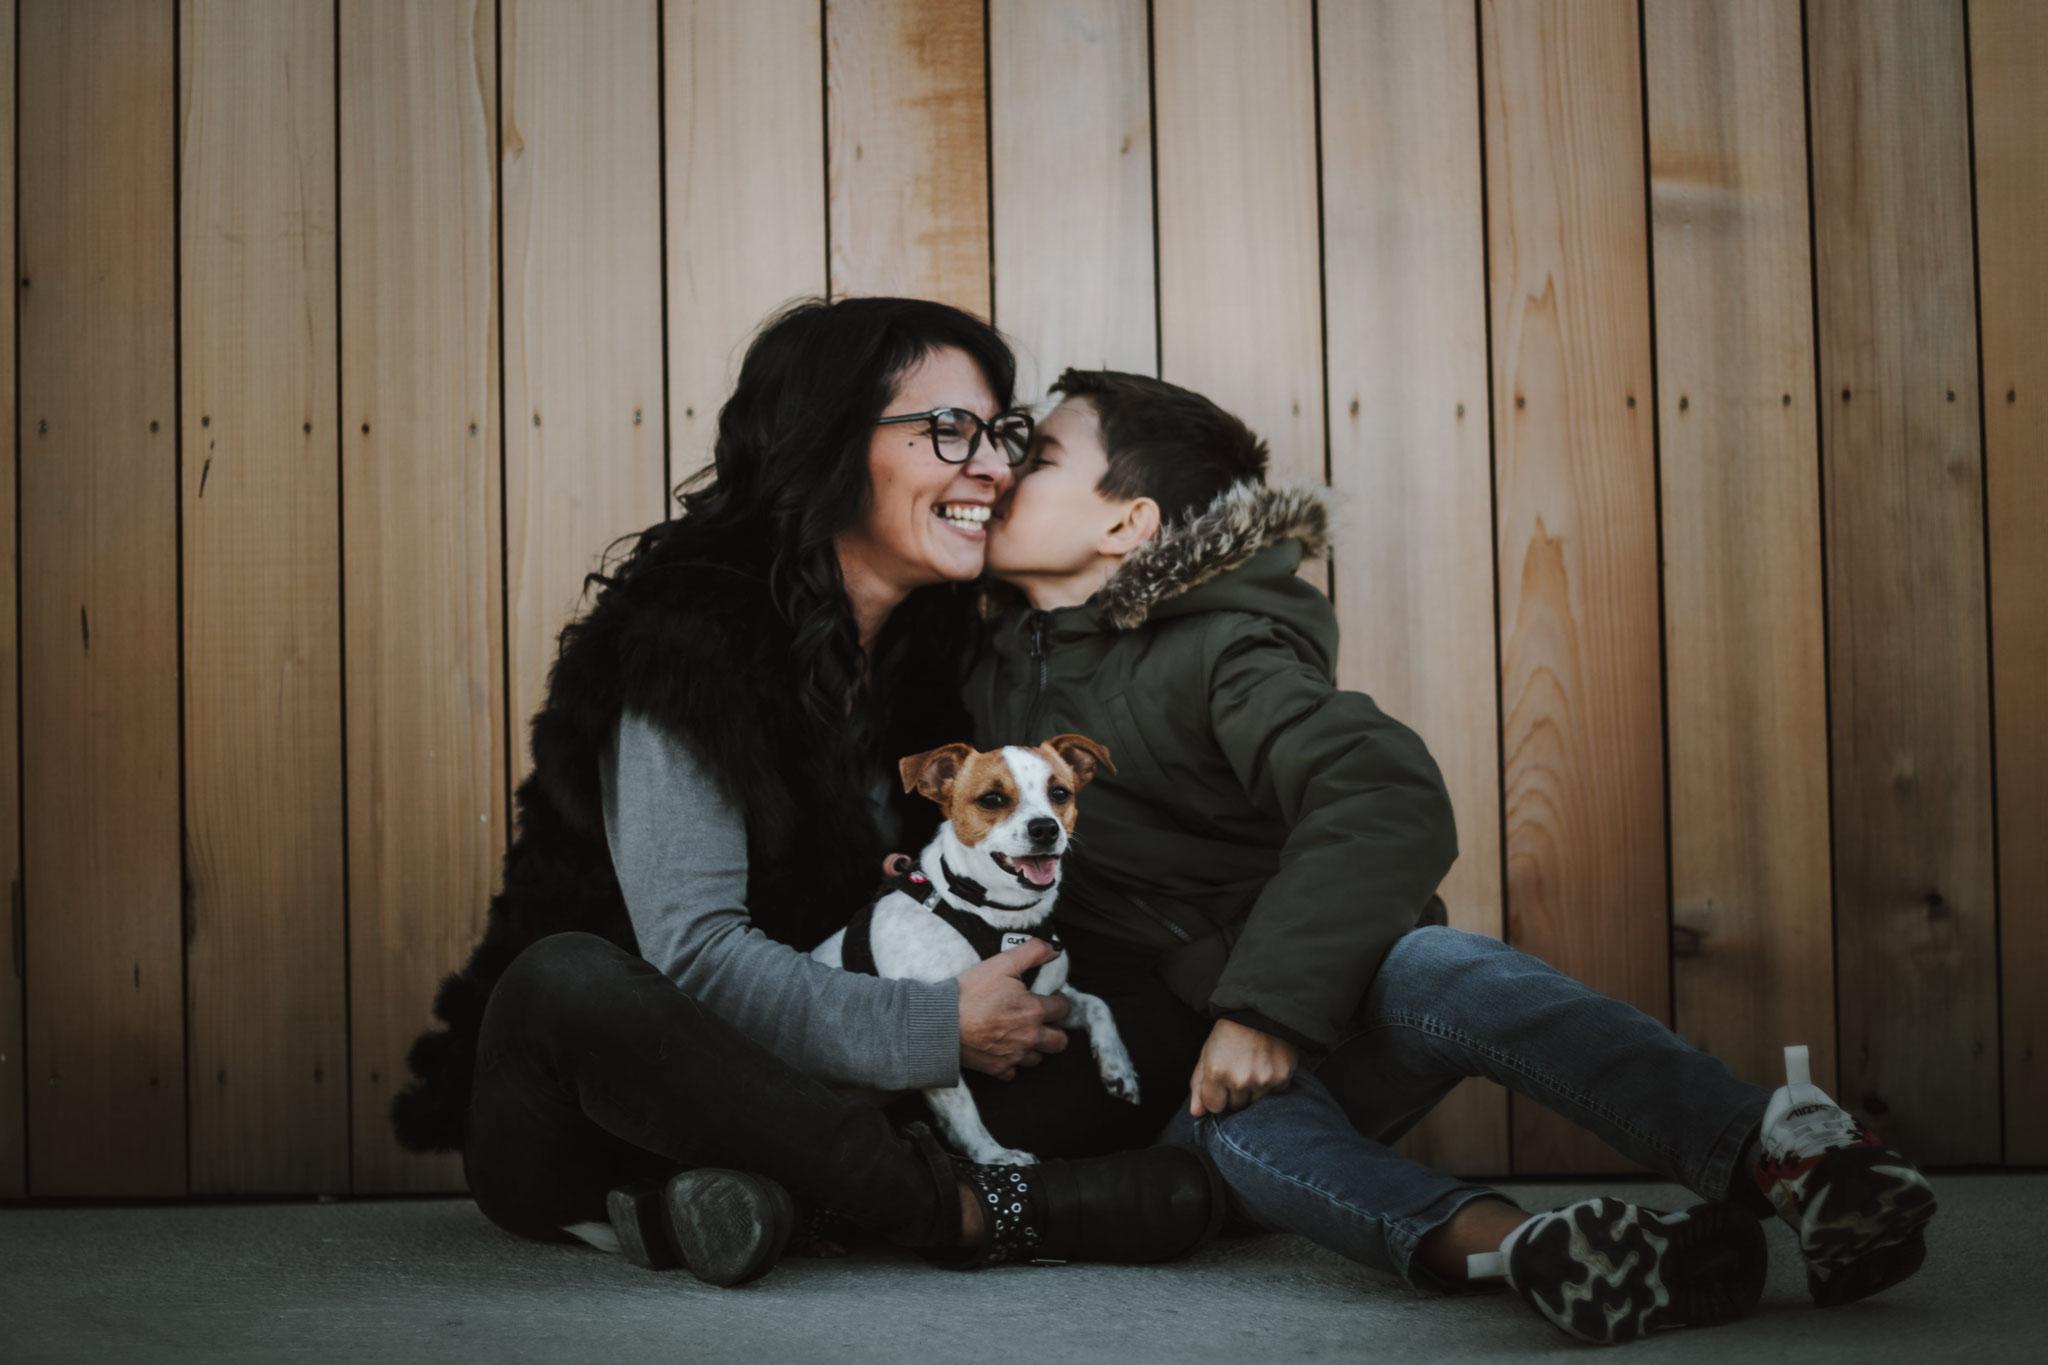 Un câlin en famille entre maman et le fils, le chien à Cassis, le port de cassis, des bisous d'amour, tête rigolote du chien, un bisous du fiston